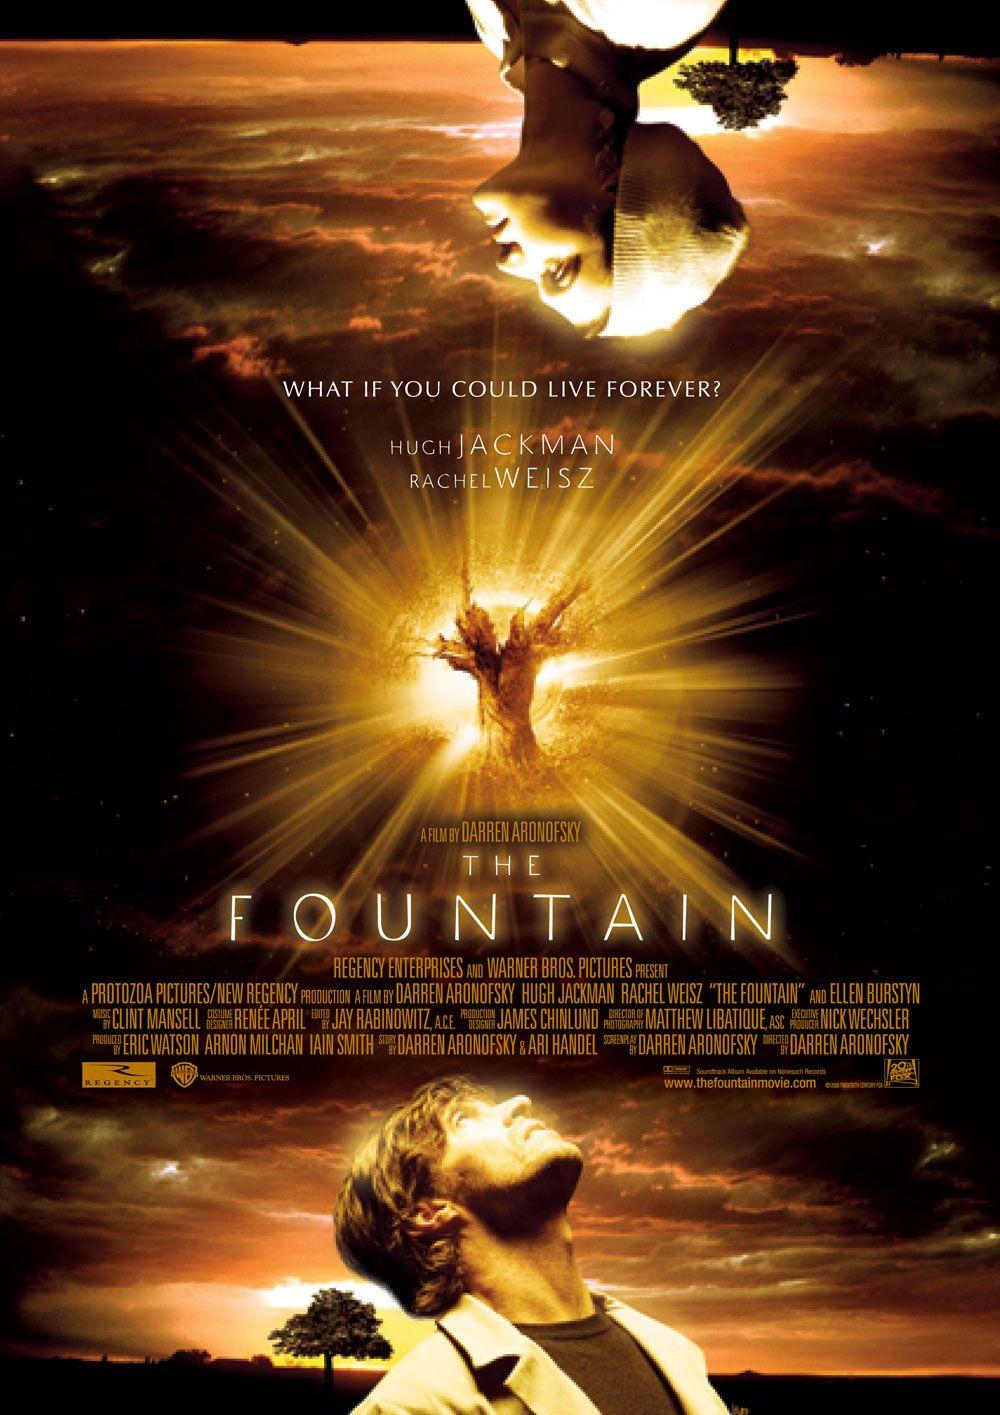 The Fountain (2006) - Thescriptblog.com